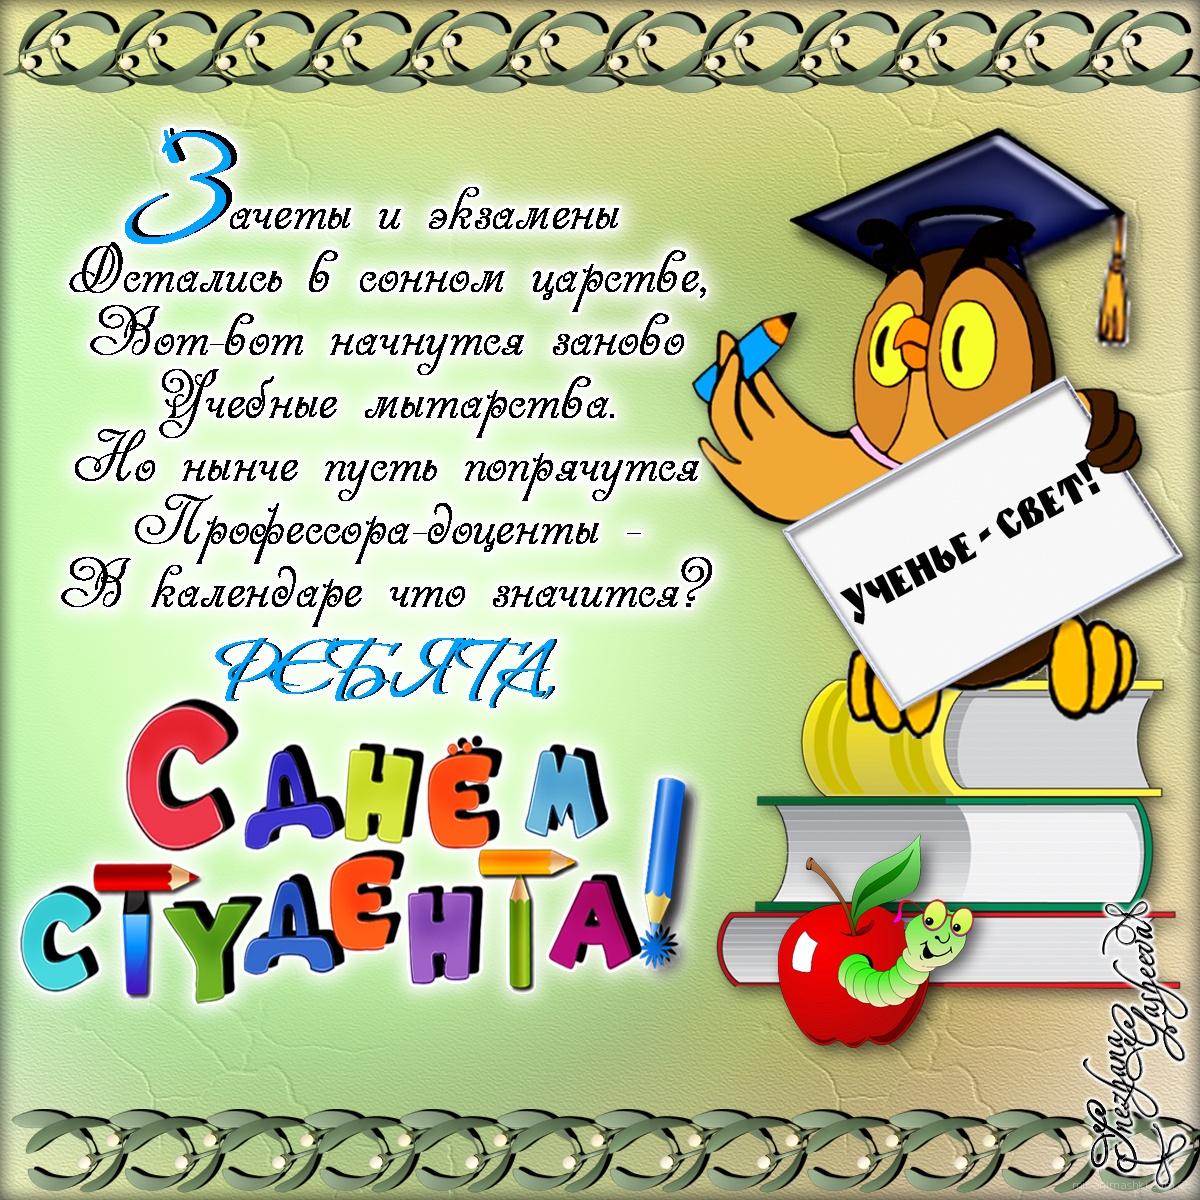 С праздником день студента - С днем студента поздравительные картинки